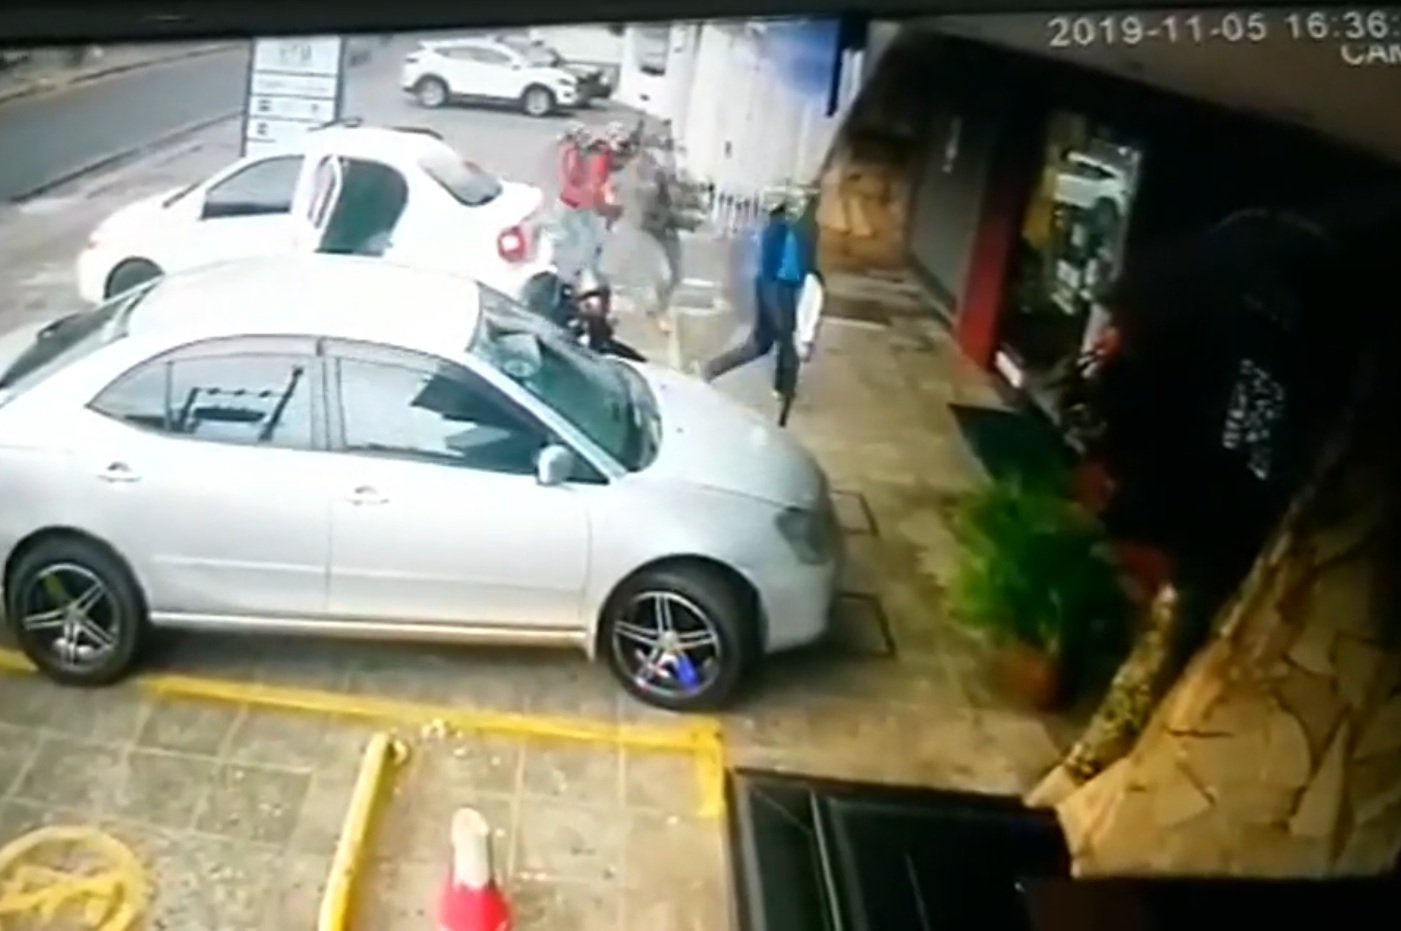 asalto fatal en local de cobranzas Fernando de la Mora PRINT VIDEO